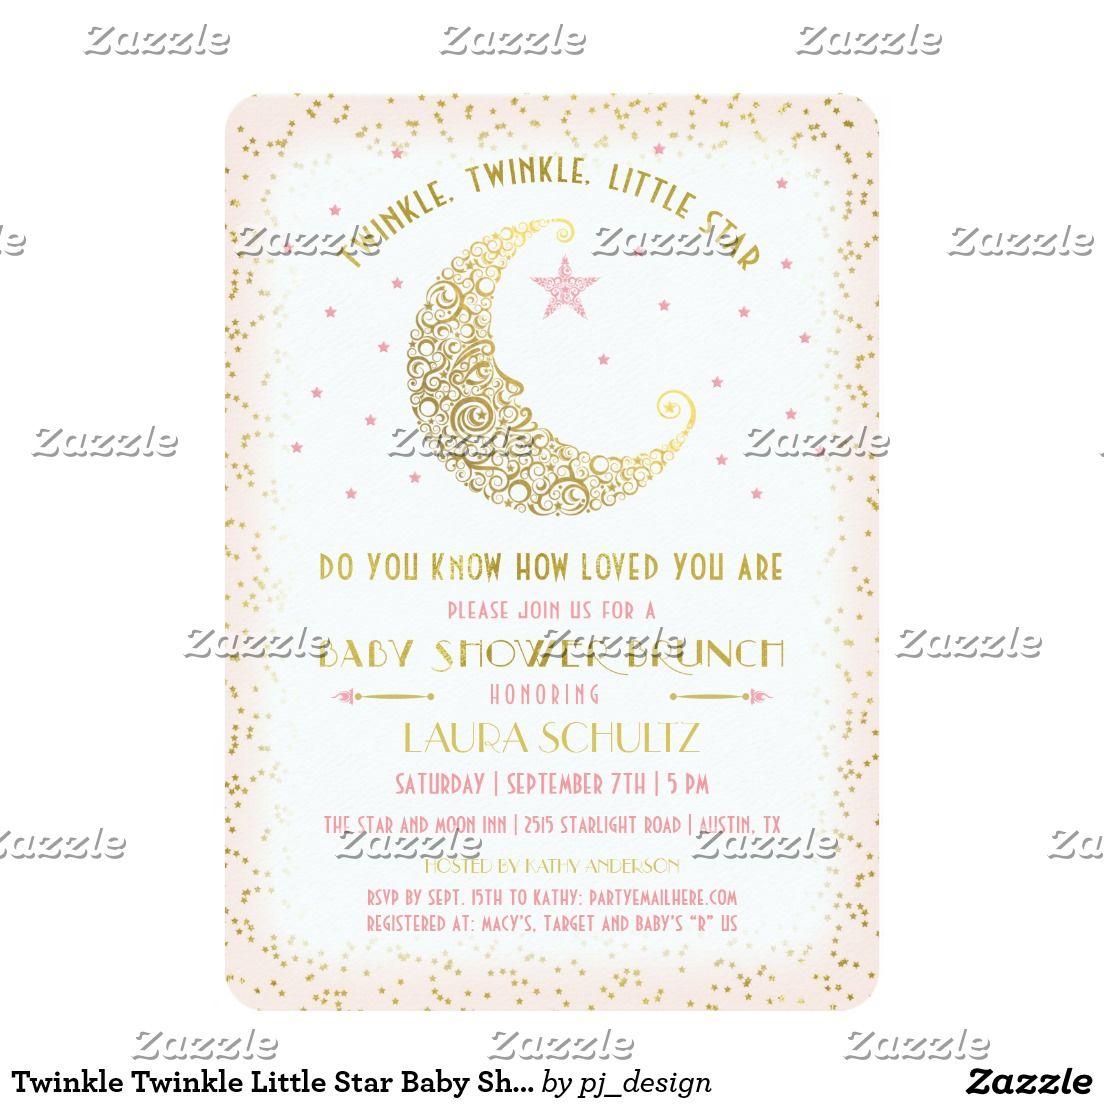 Twinkle Twinkle Little Star Baby Shower Brunch